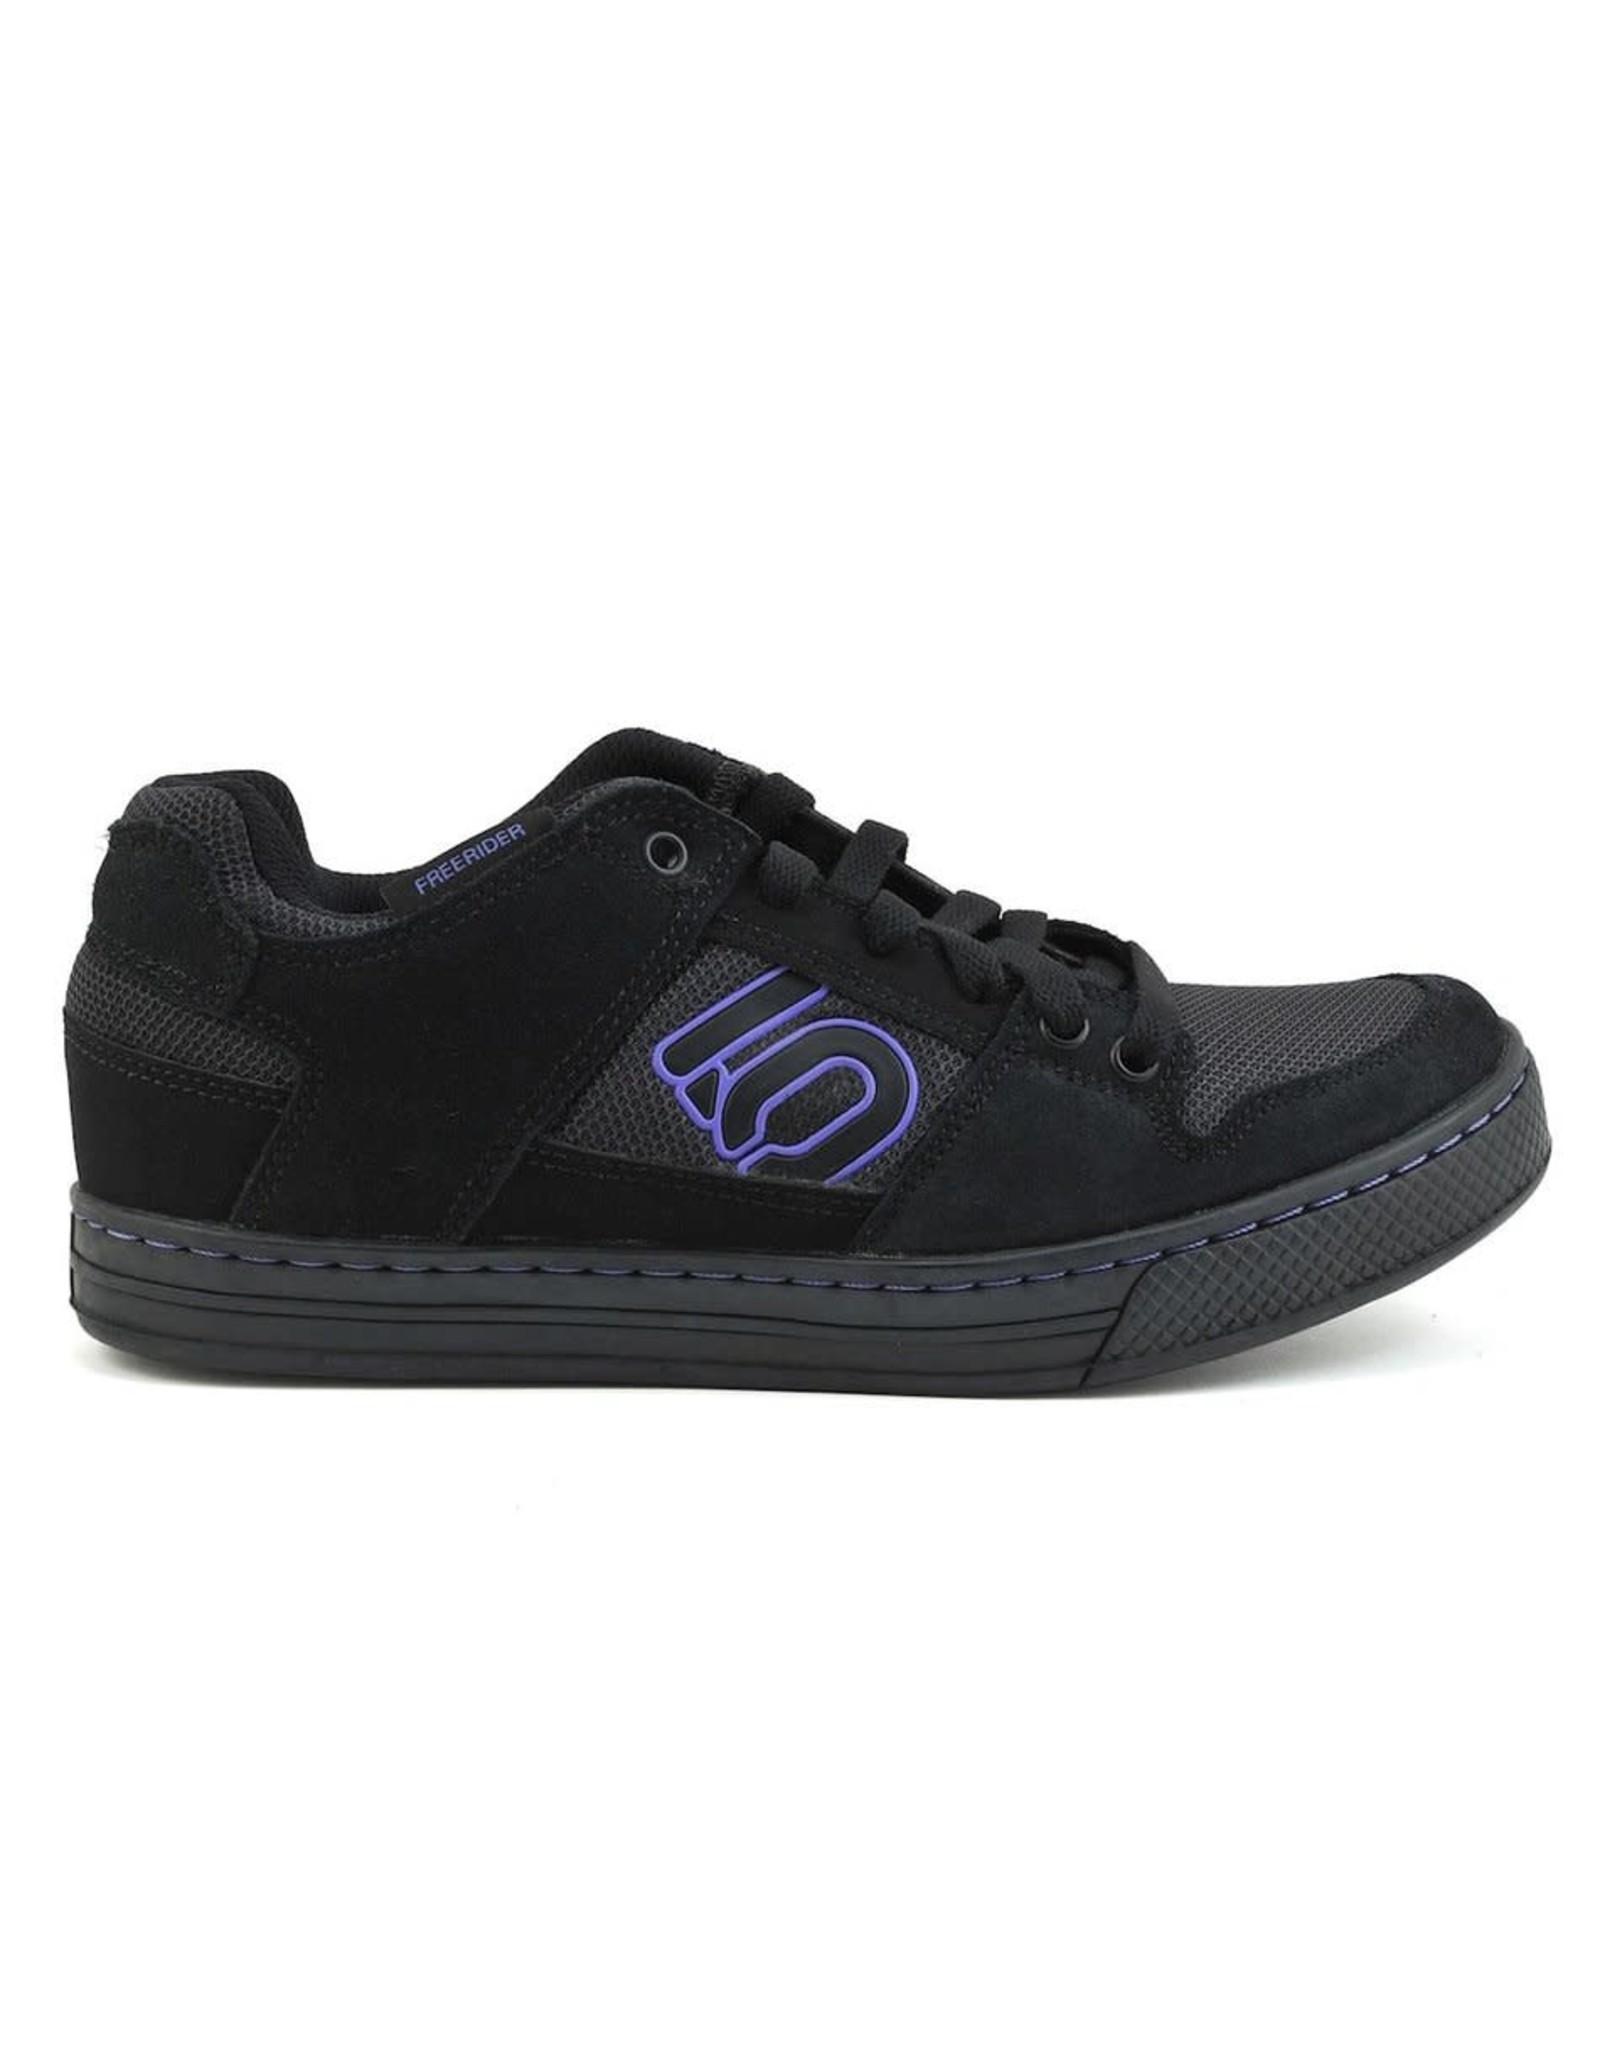 Five Ten Five Ten Freerider Women's Flat Pedal Shoe: Black/Purple 9